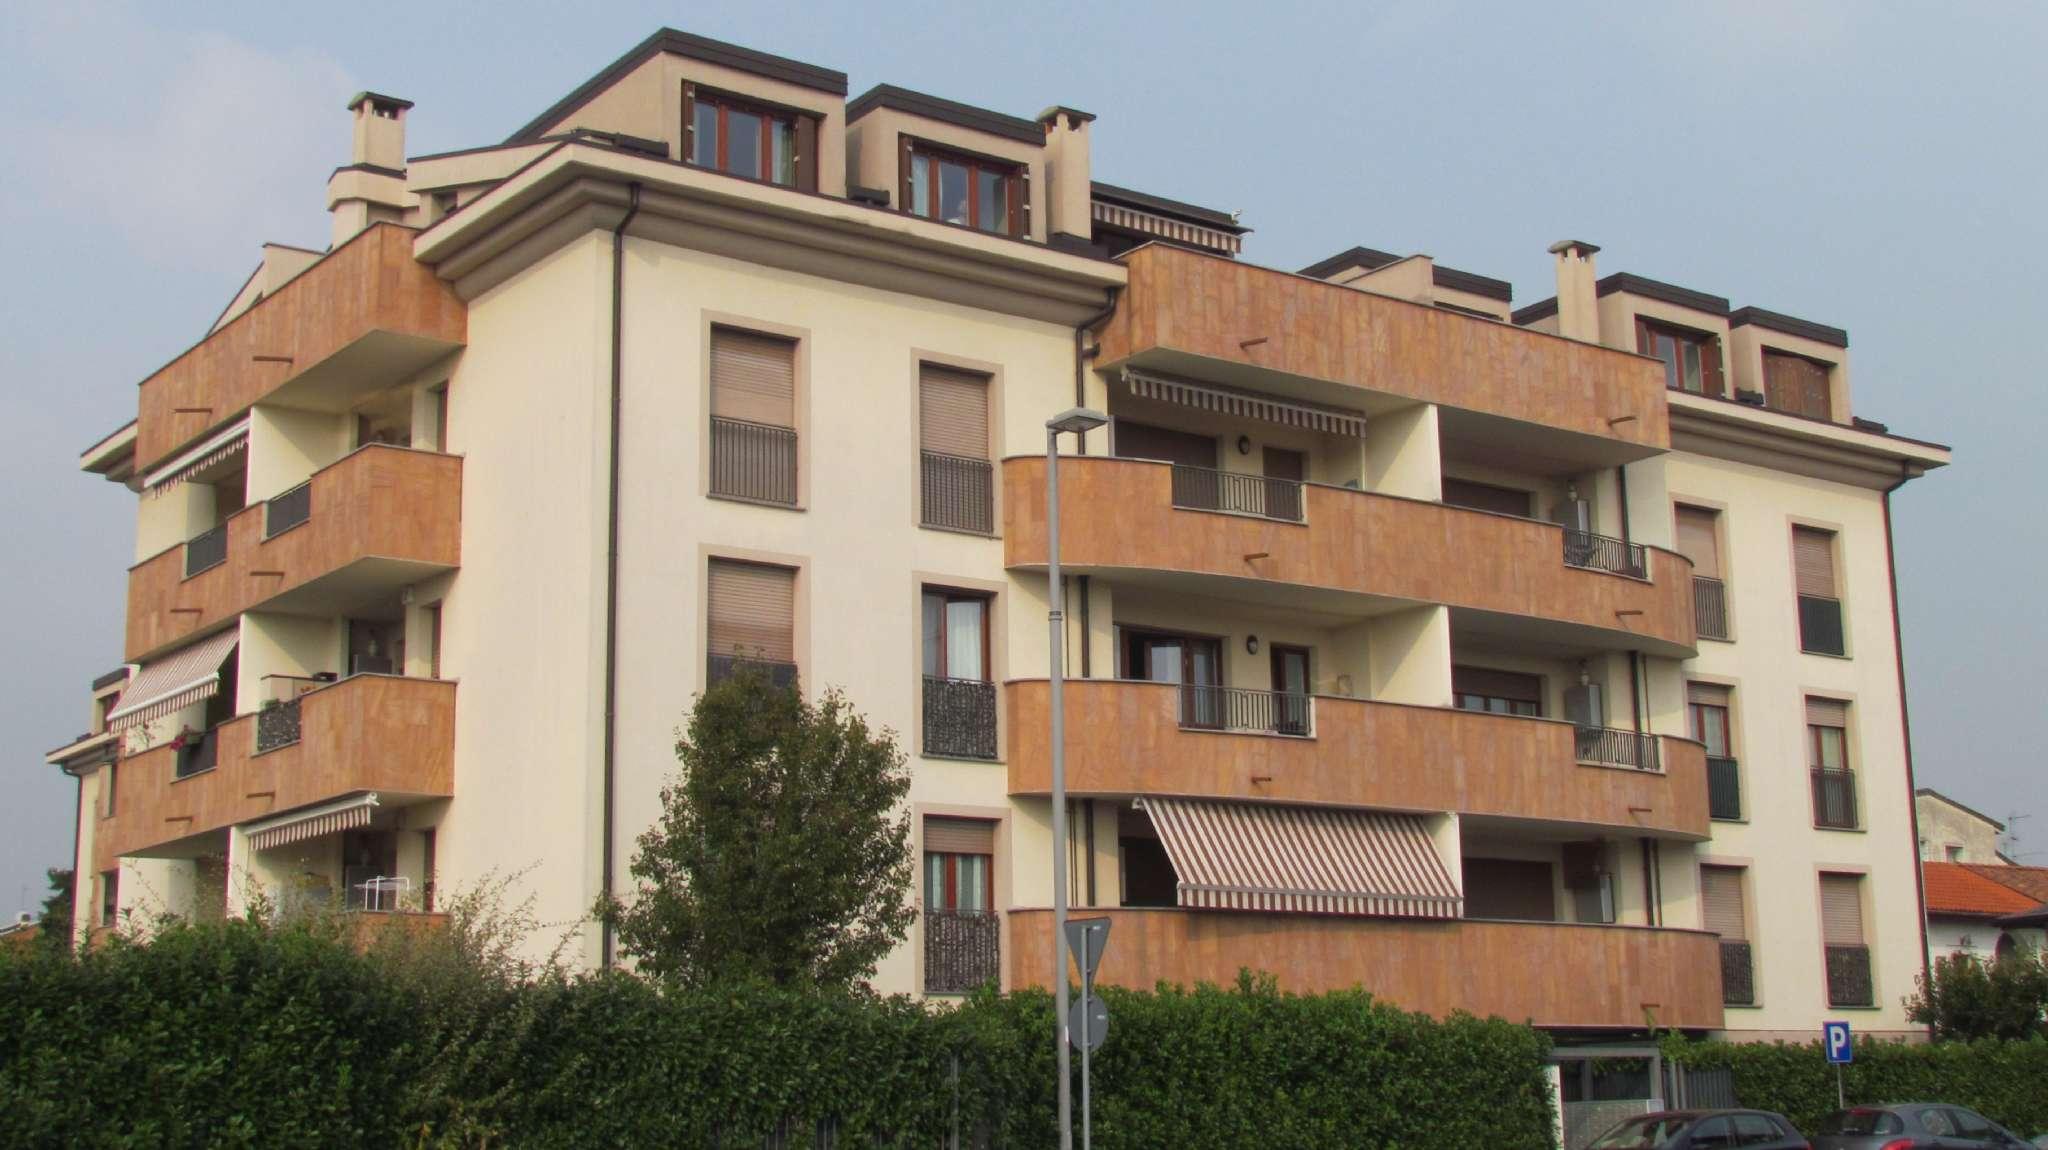 Appartamento in vendita a Cesano Maderno, 3 locali, prezzo € 195.000 | PortaleAgenzieImmobiliari.it